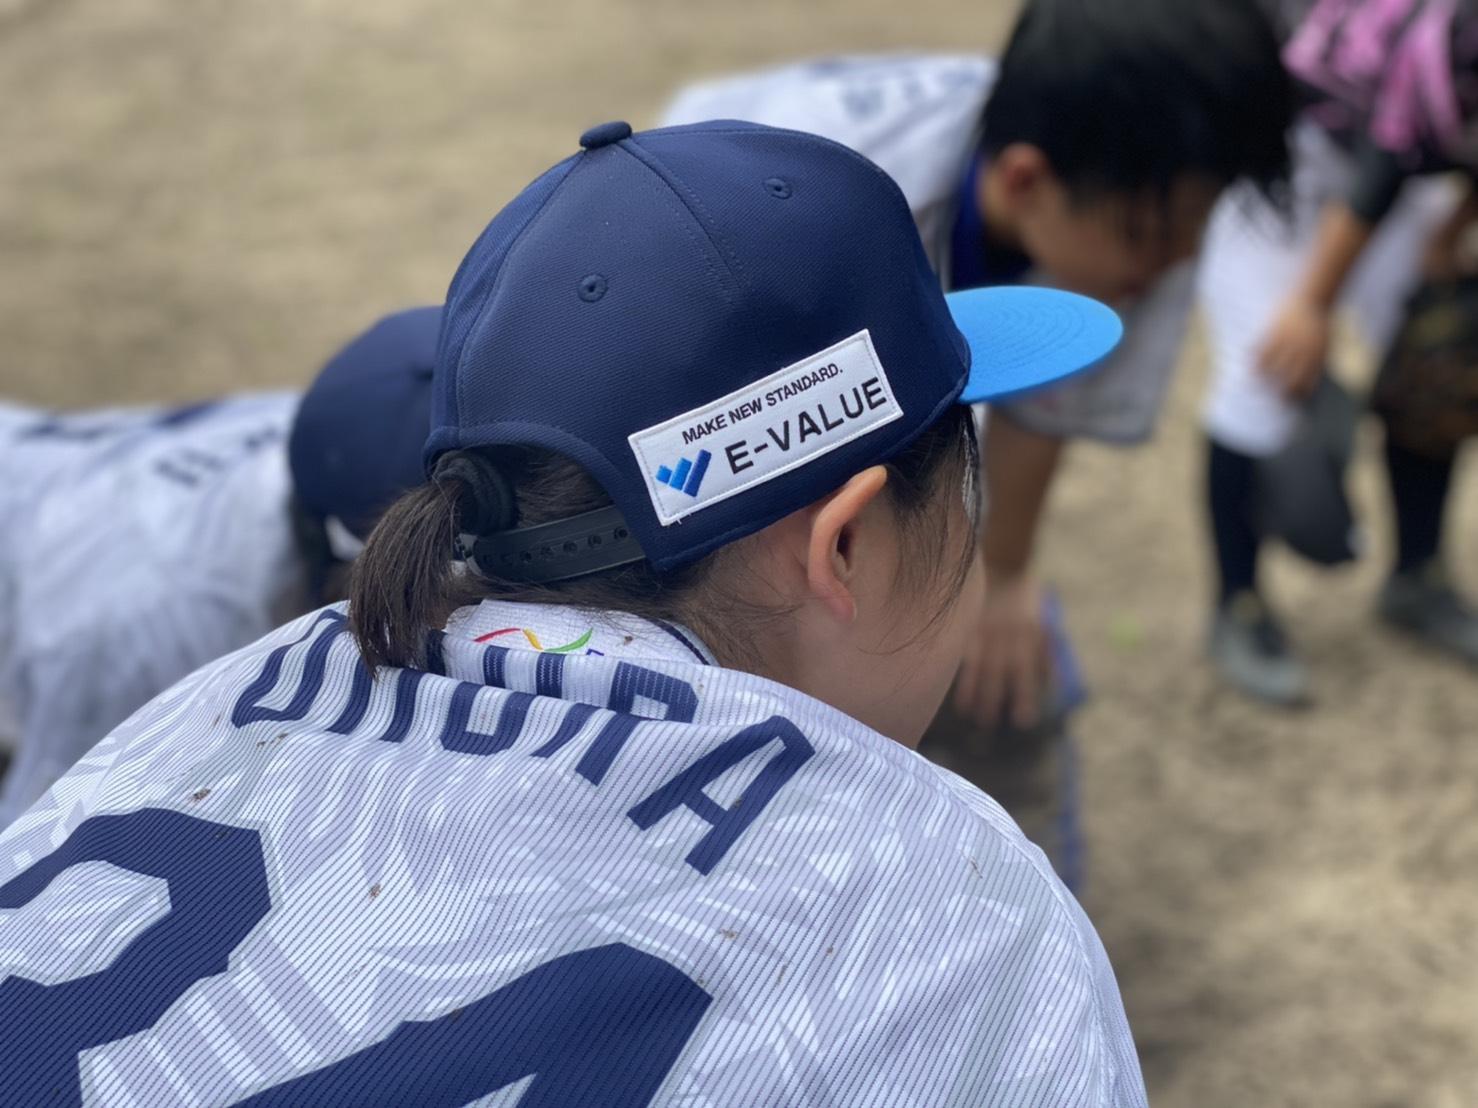 女子硬式野球チーム「兵庫ブルーサンダーズ」のスポンサーになりました